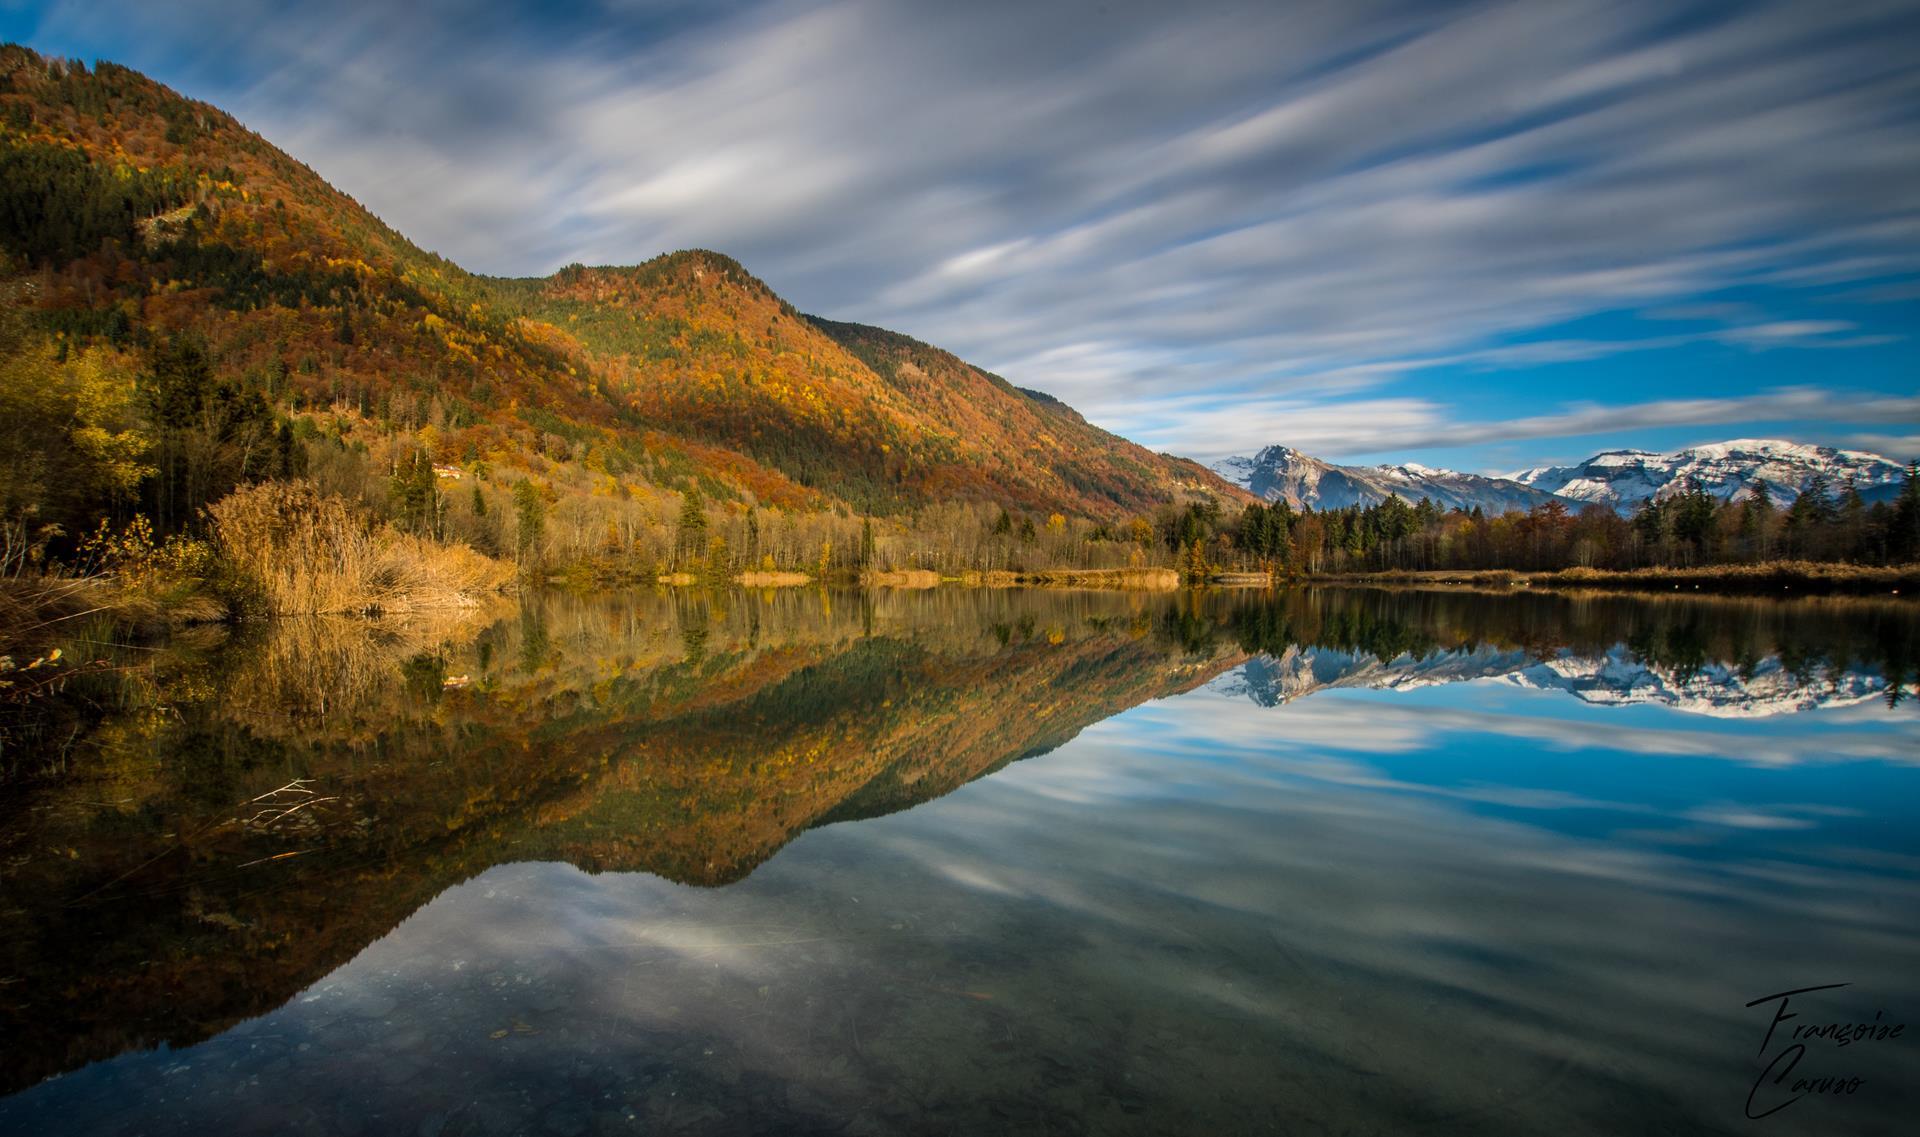 lac taninges - lac haute savoie